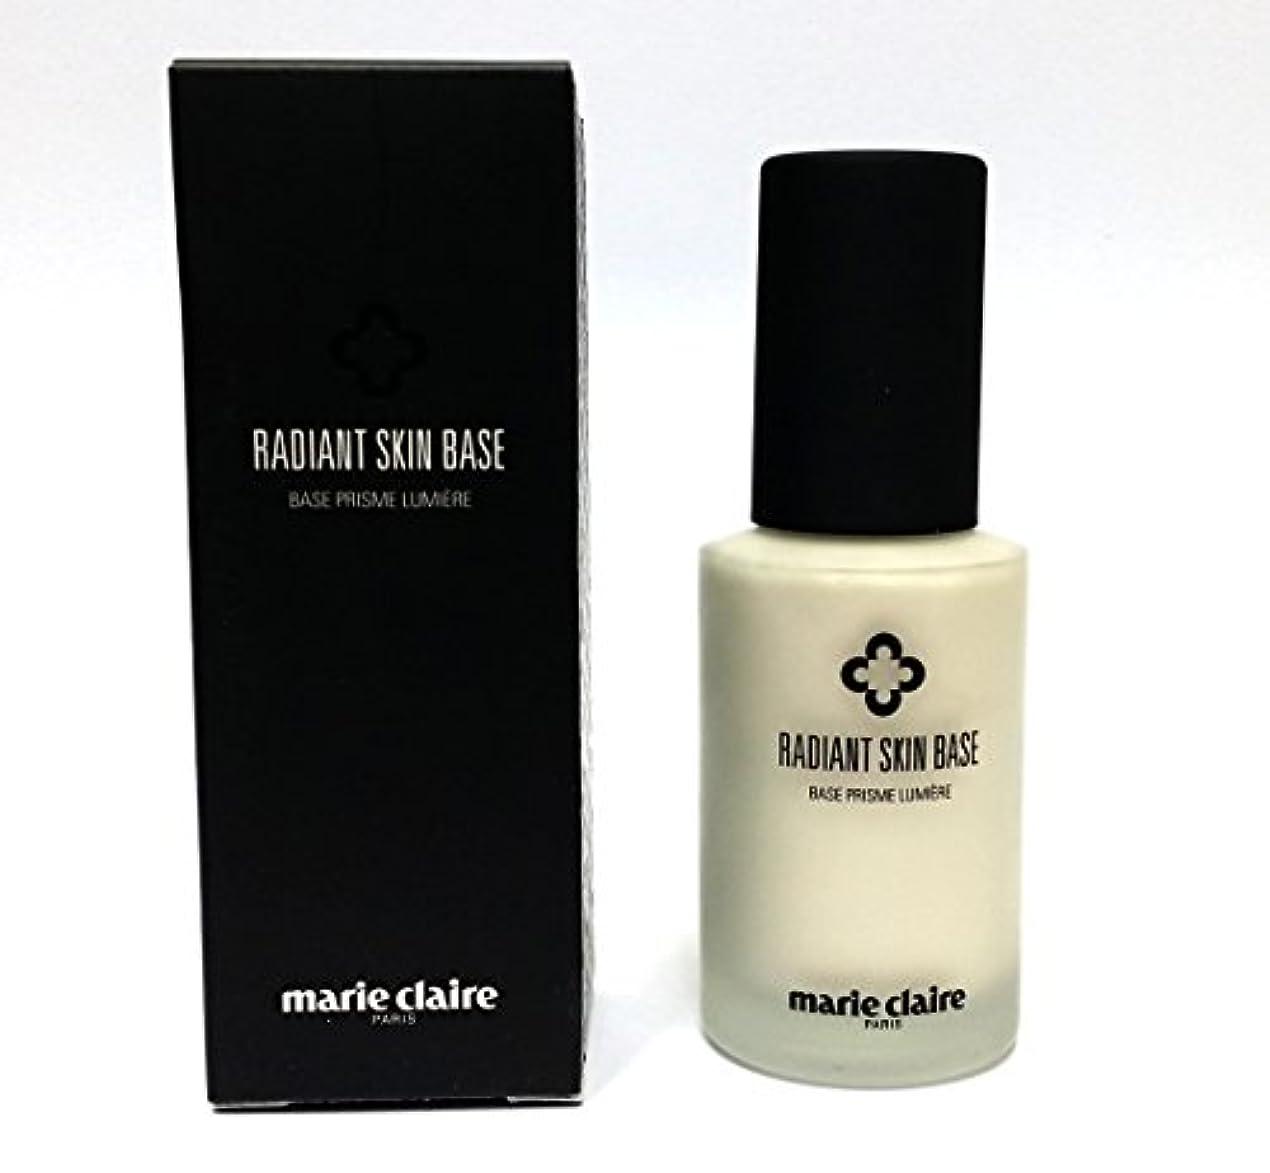 シェード宗教的なスナップ[Marie Claire] ラディアントスキンベース30ml / Radiant Skin Base 30ml / 皮膚の傷はカバー / skin blemishes cover / ソフト、水分、絹のような / soft...